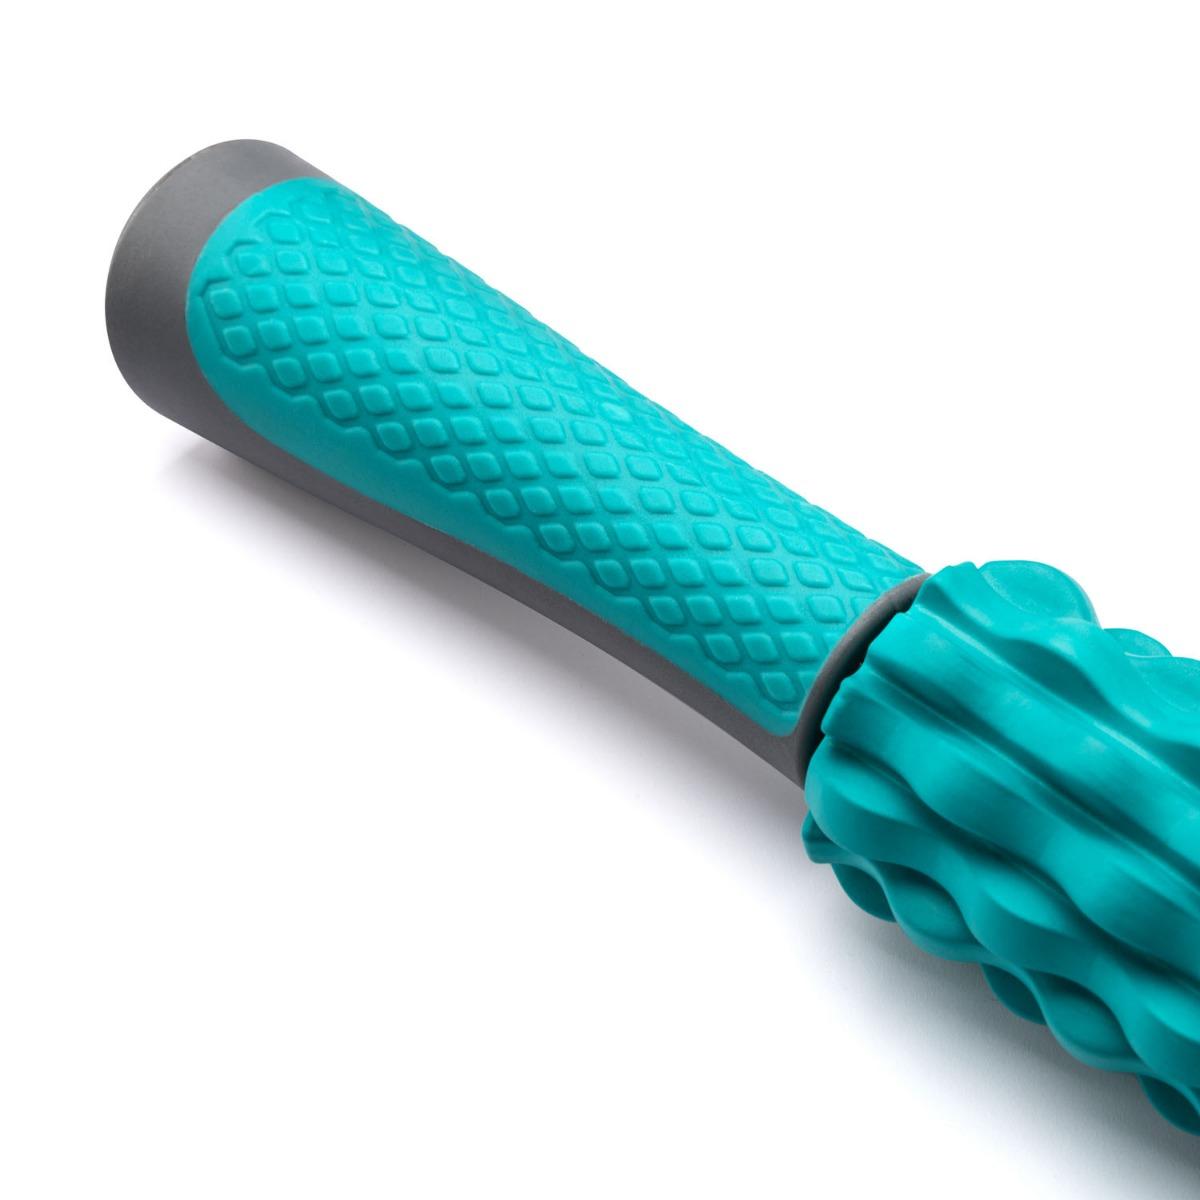 Muscle-Massage-Stick-Roller-Deep-Tissue-Trigger-Point-Foam-Massager-Core-Balance thumbnail 39